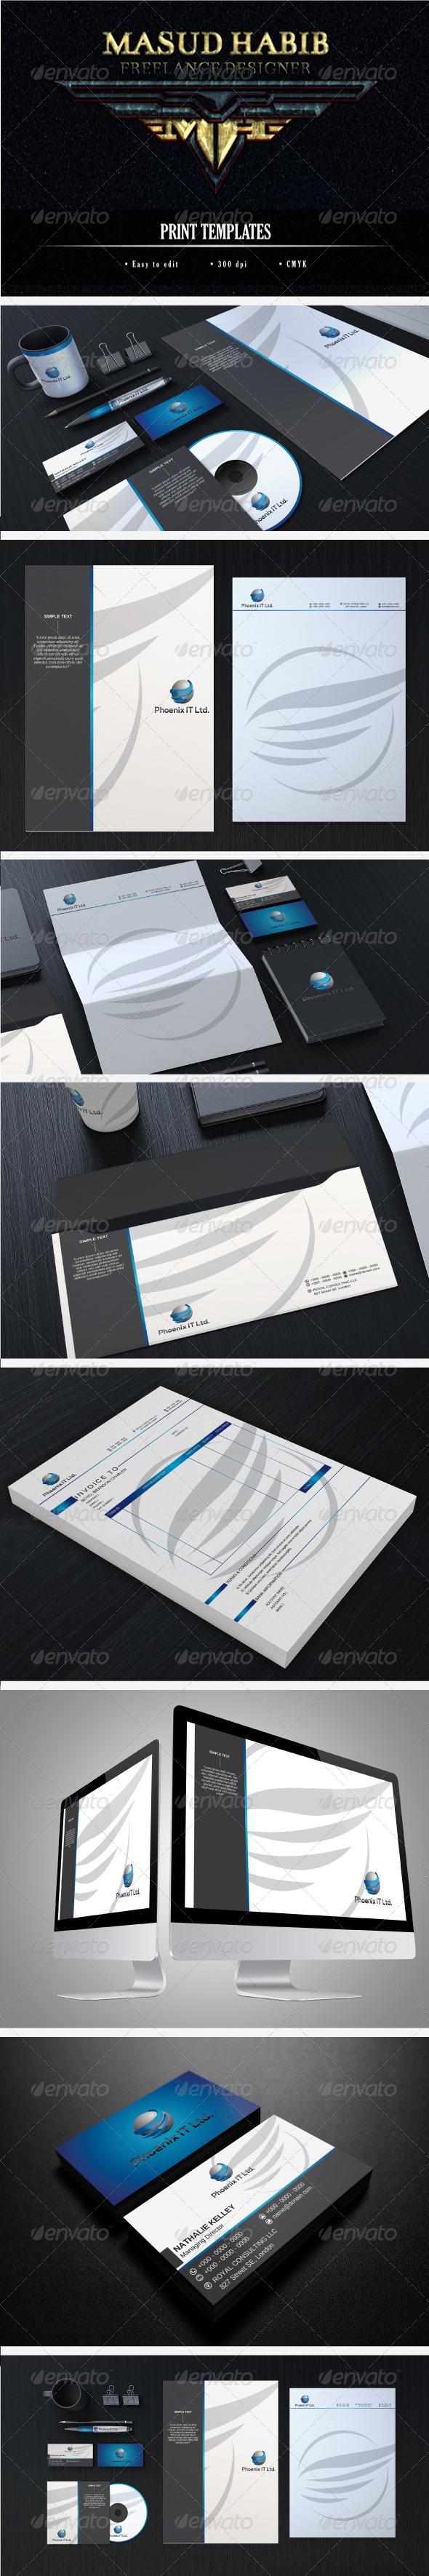 GraphicRiver Creative Corporate Identity 19 7254588